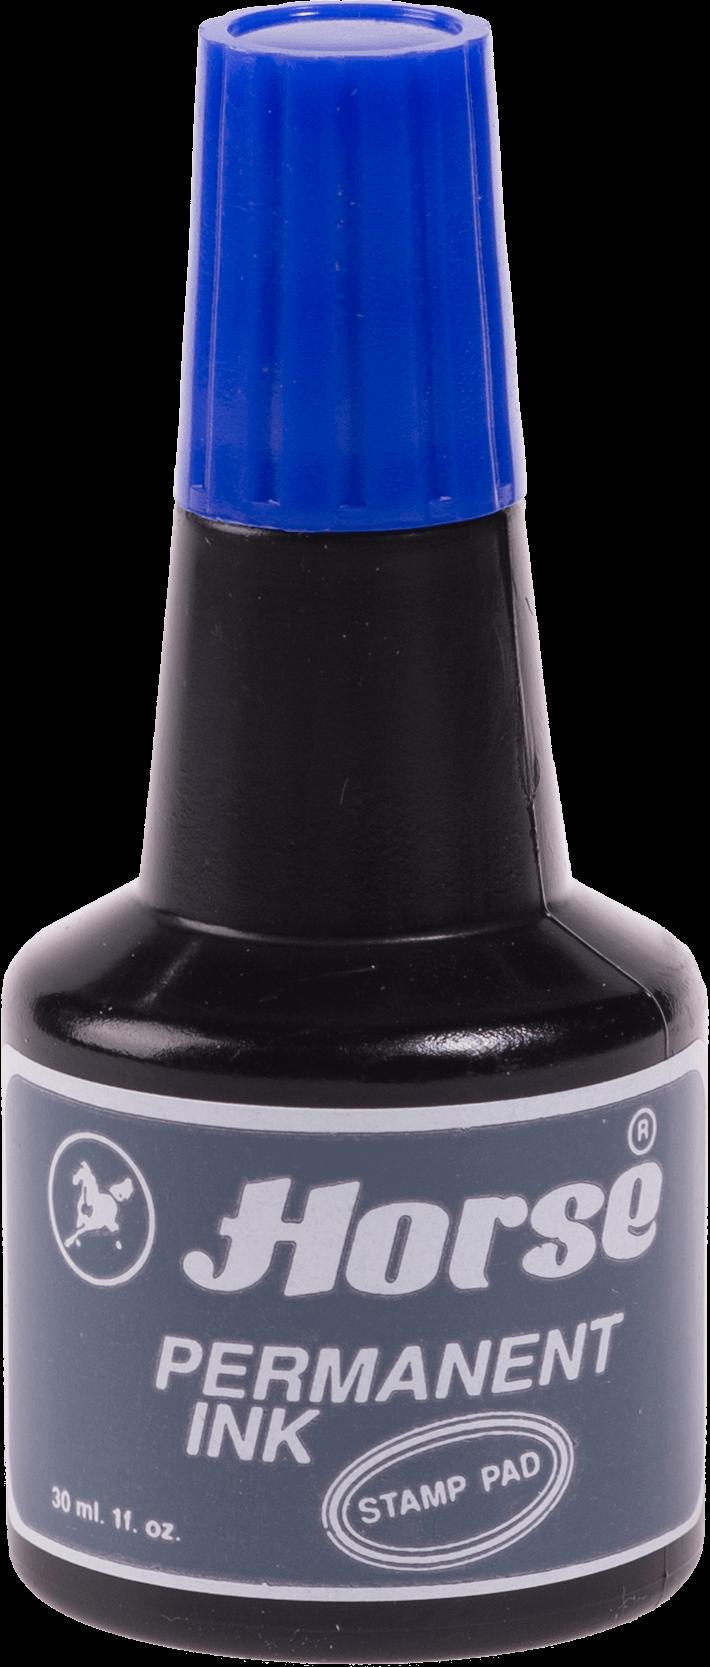 หมึกเติมแท่นประทับตราชนิดกันน้ำ ตราม้า สีน้ำเงิน 30 มล.